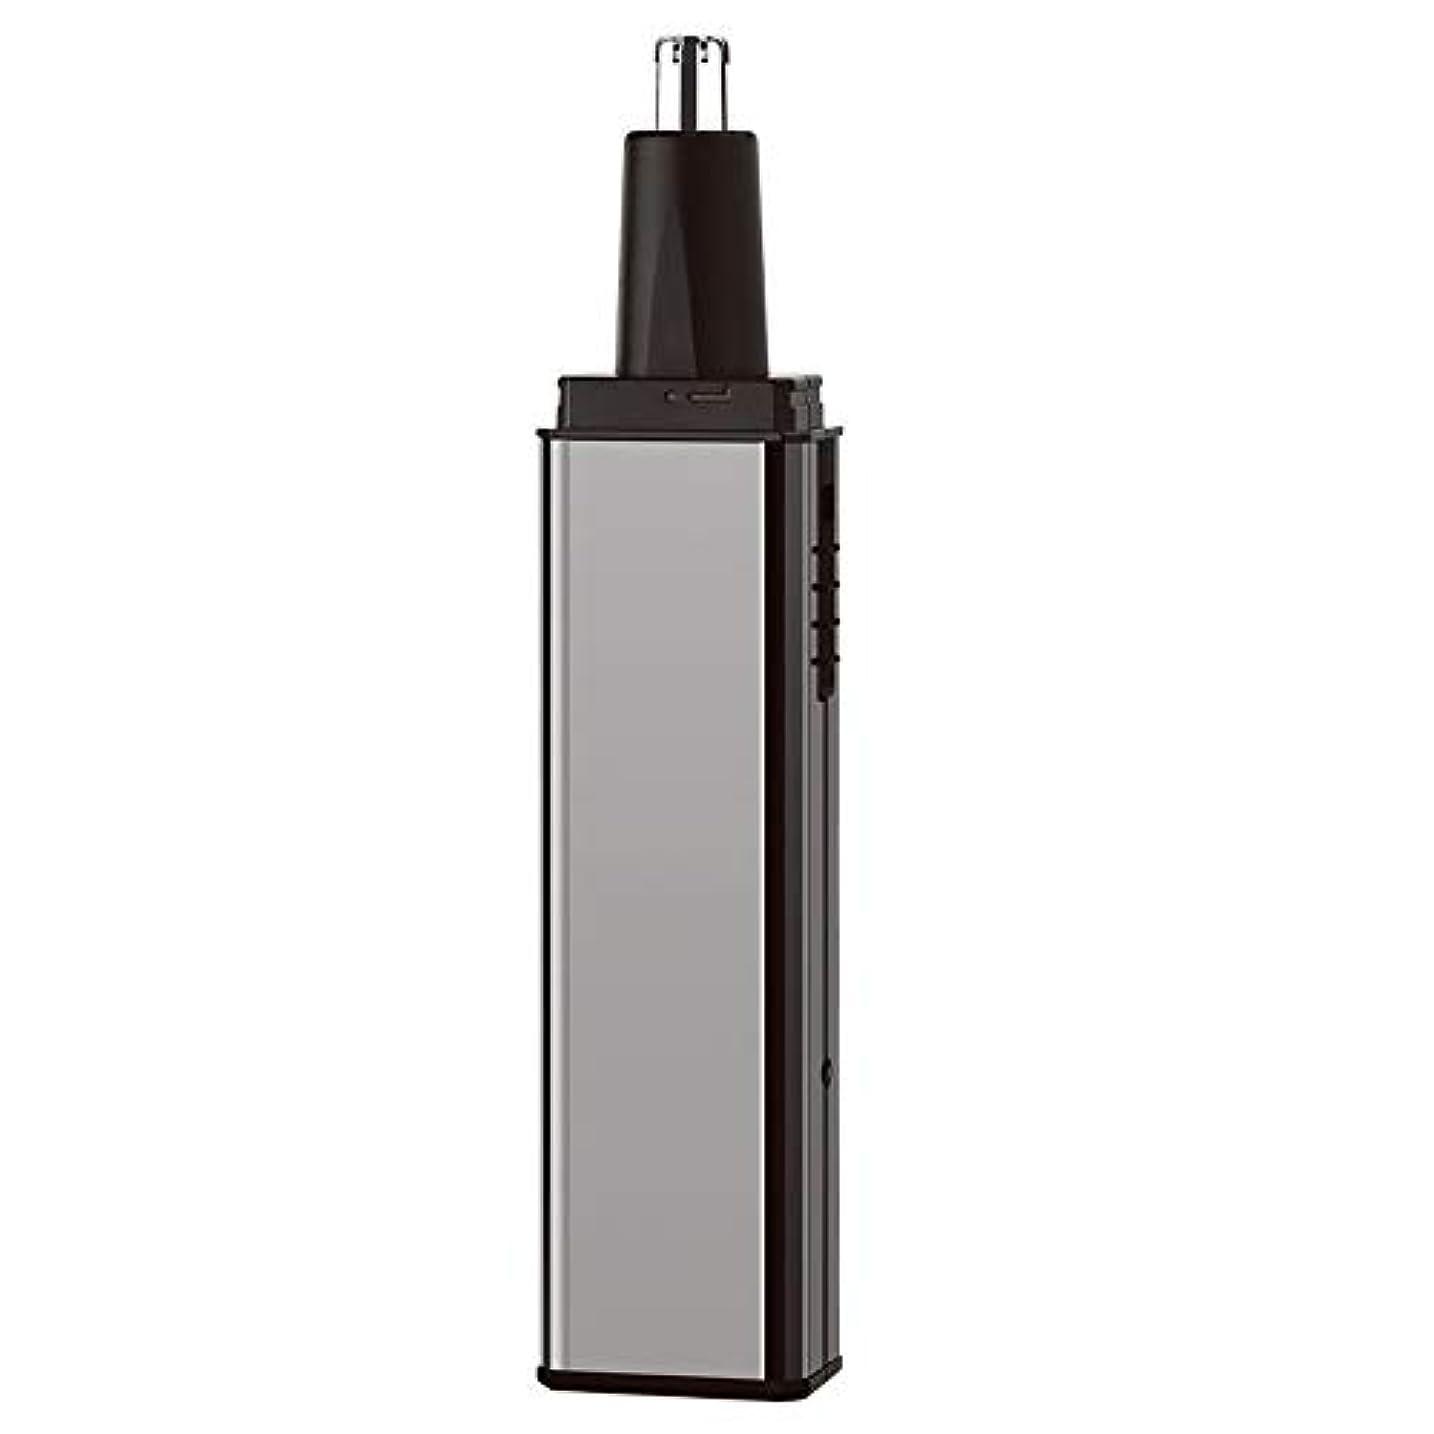 兵士豆クラッチ鼻毛トリマー-多機能スーツフォーインワン/電気鼻毛トリマー/ステンレススチール/多機能/ 13.5 * 2.7cm 操作が簡単